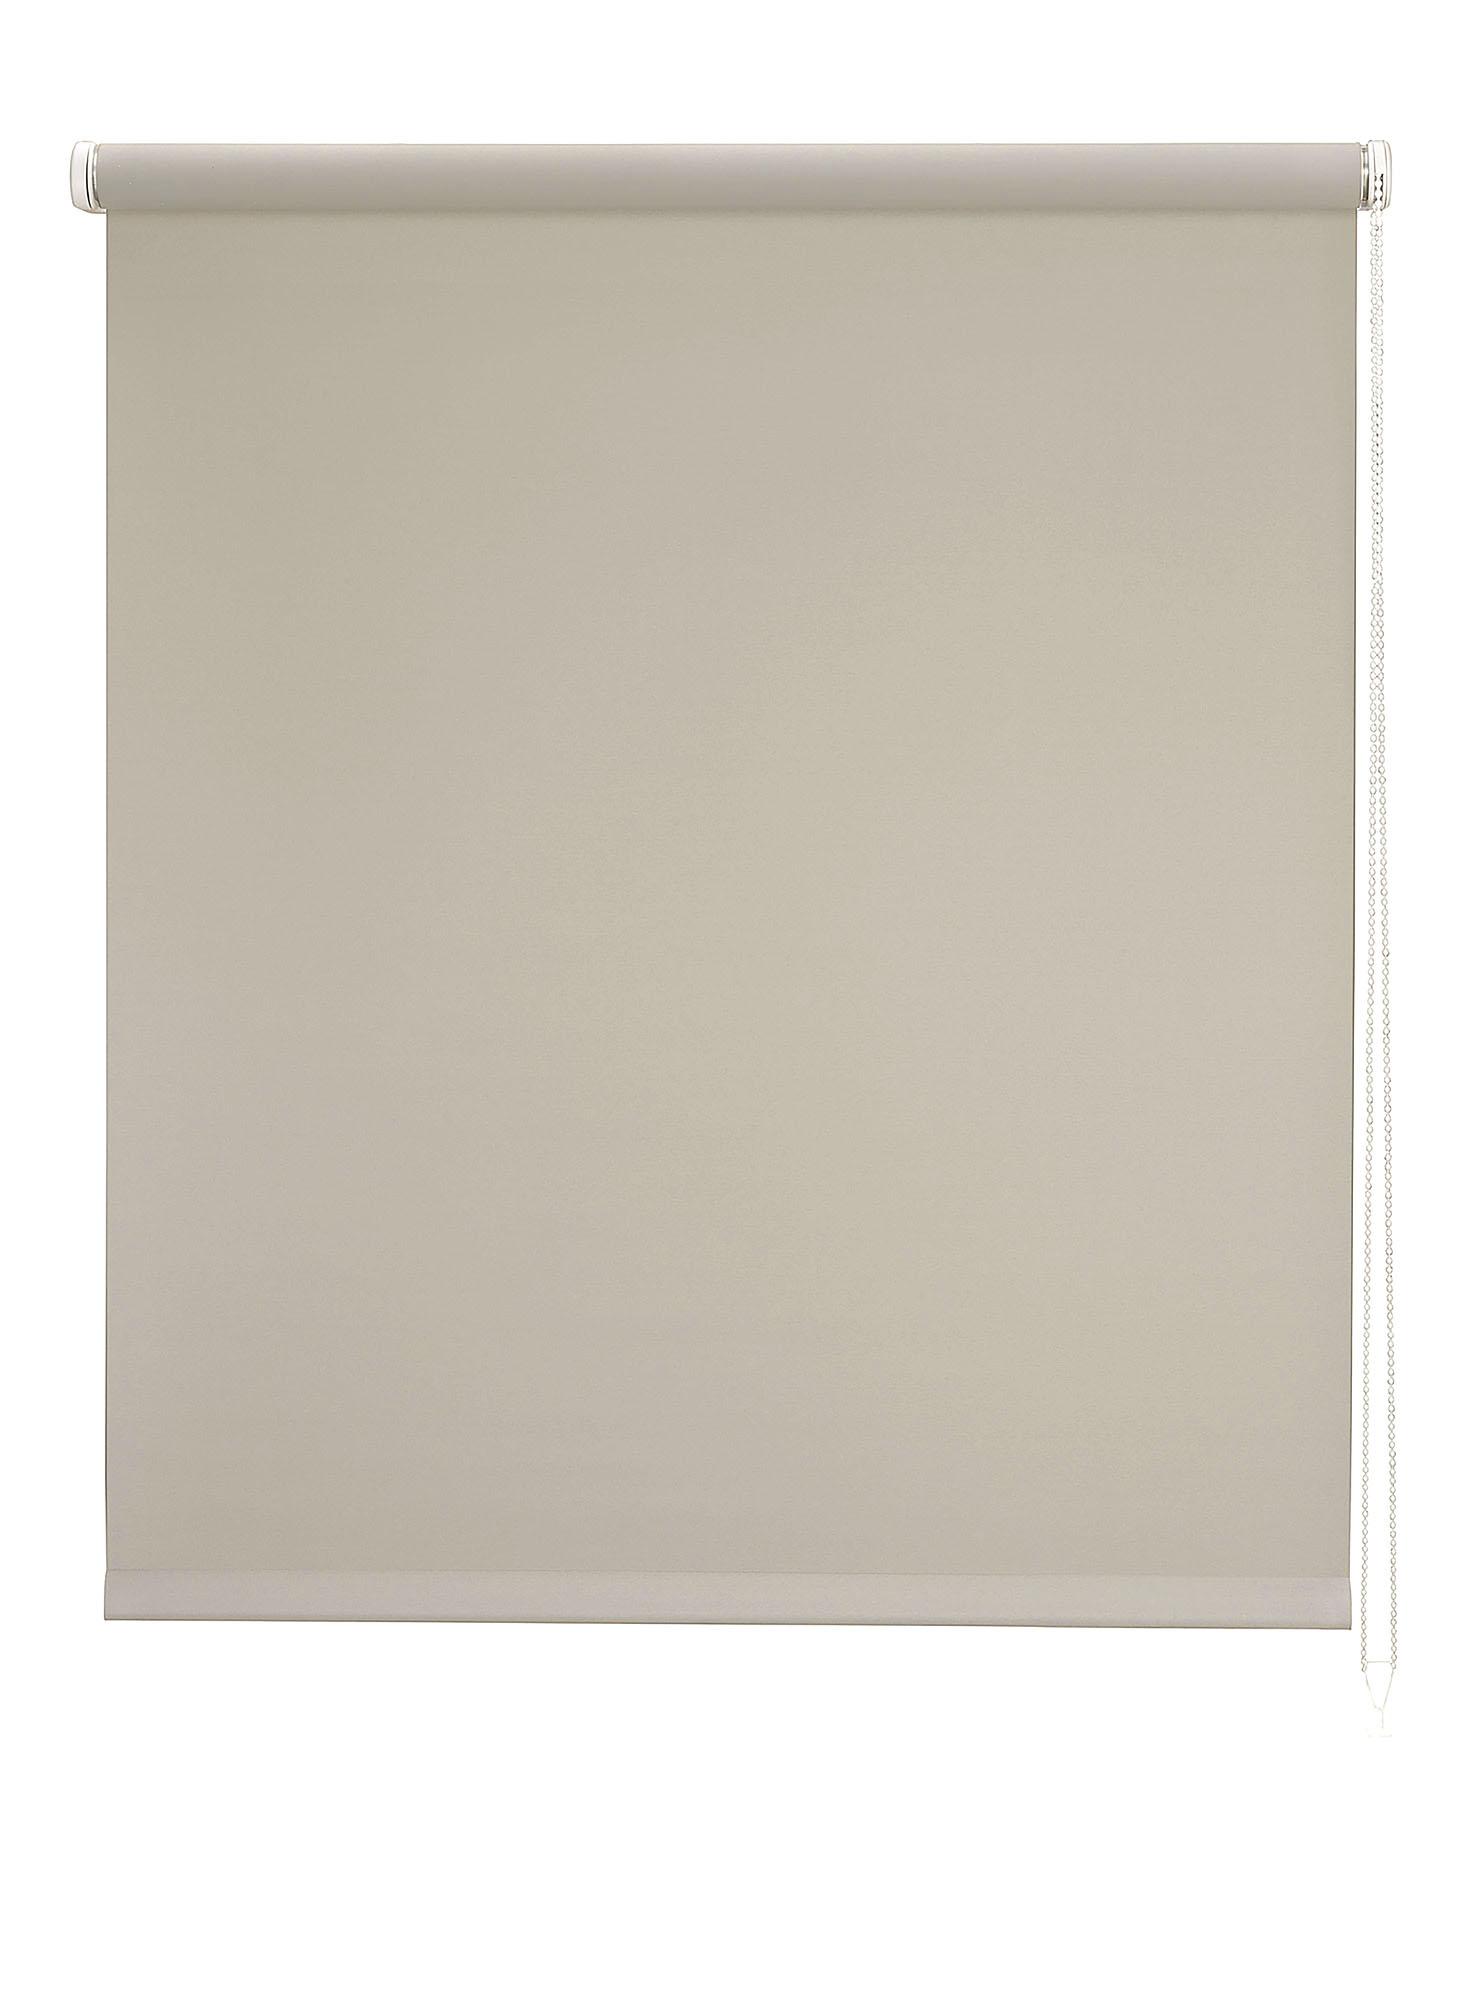 Store enrouleur Translucide - Beige - 105 x 250 cm